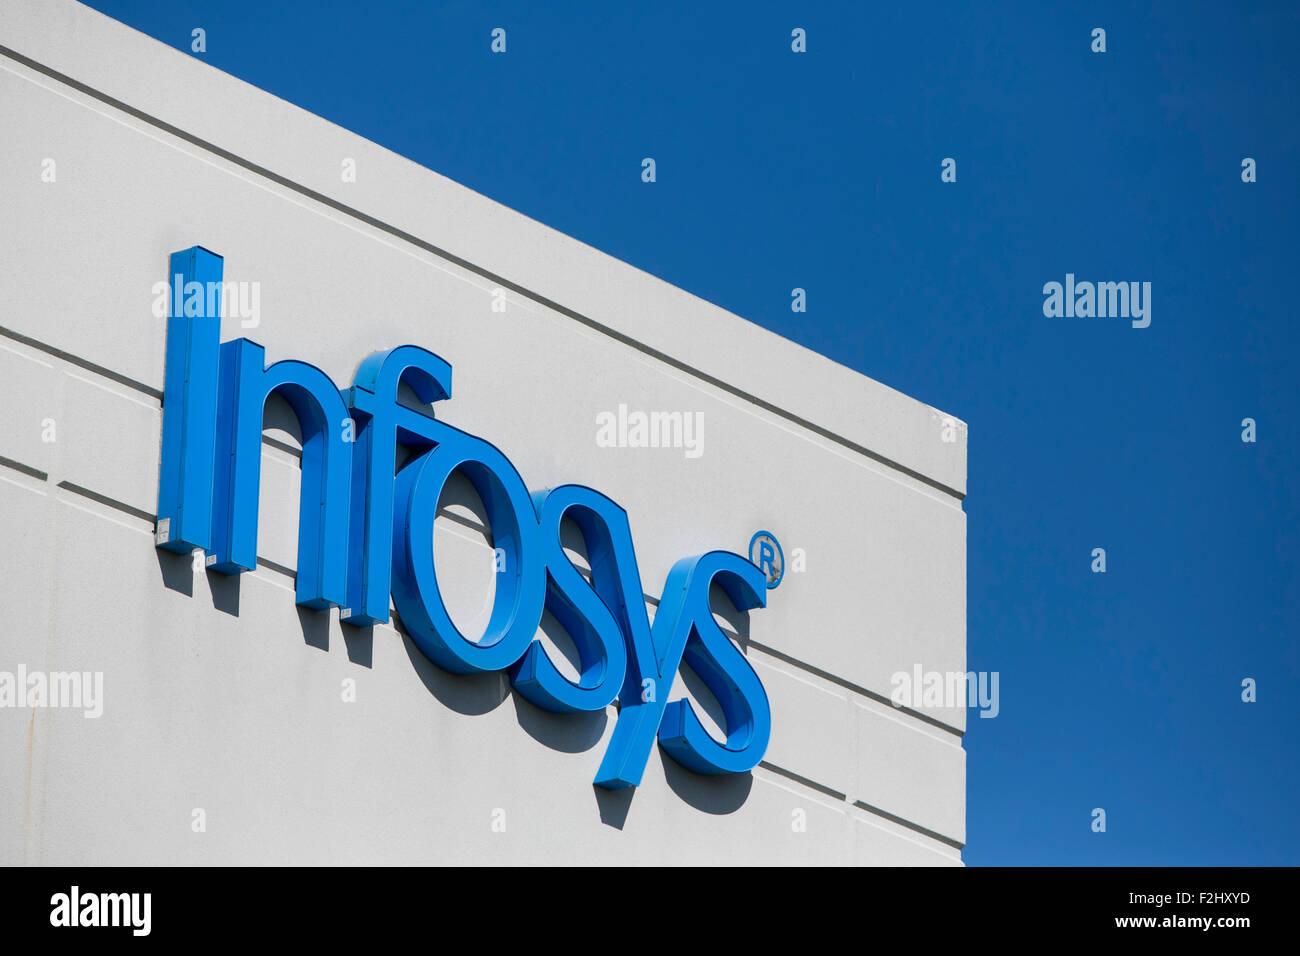 Un segno del logo al di fuori di una struttura occupata da Infosys limitata a Plano, in Texas, il 12 settembre 2015. Immagini Stock